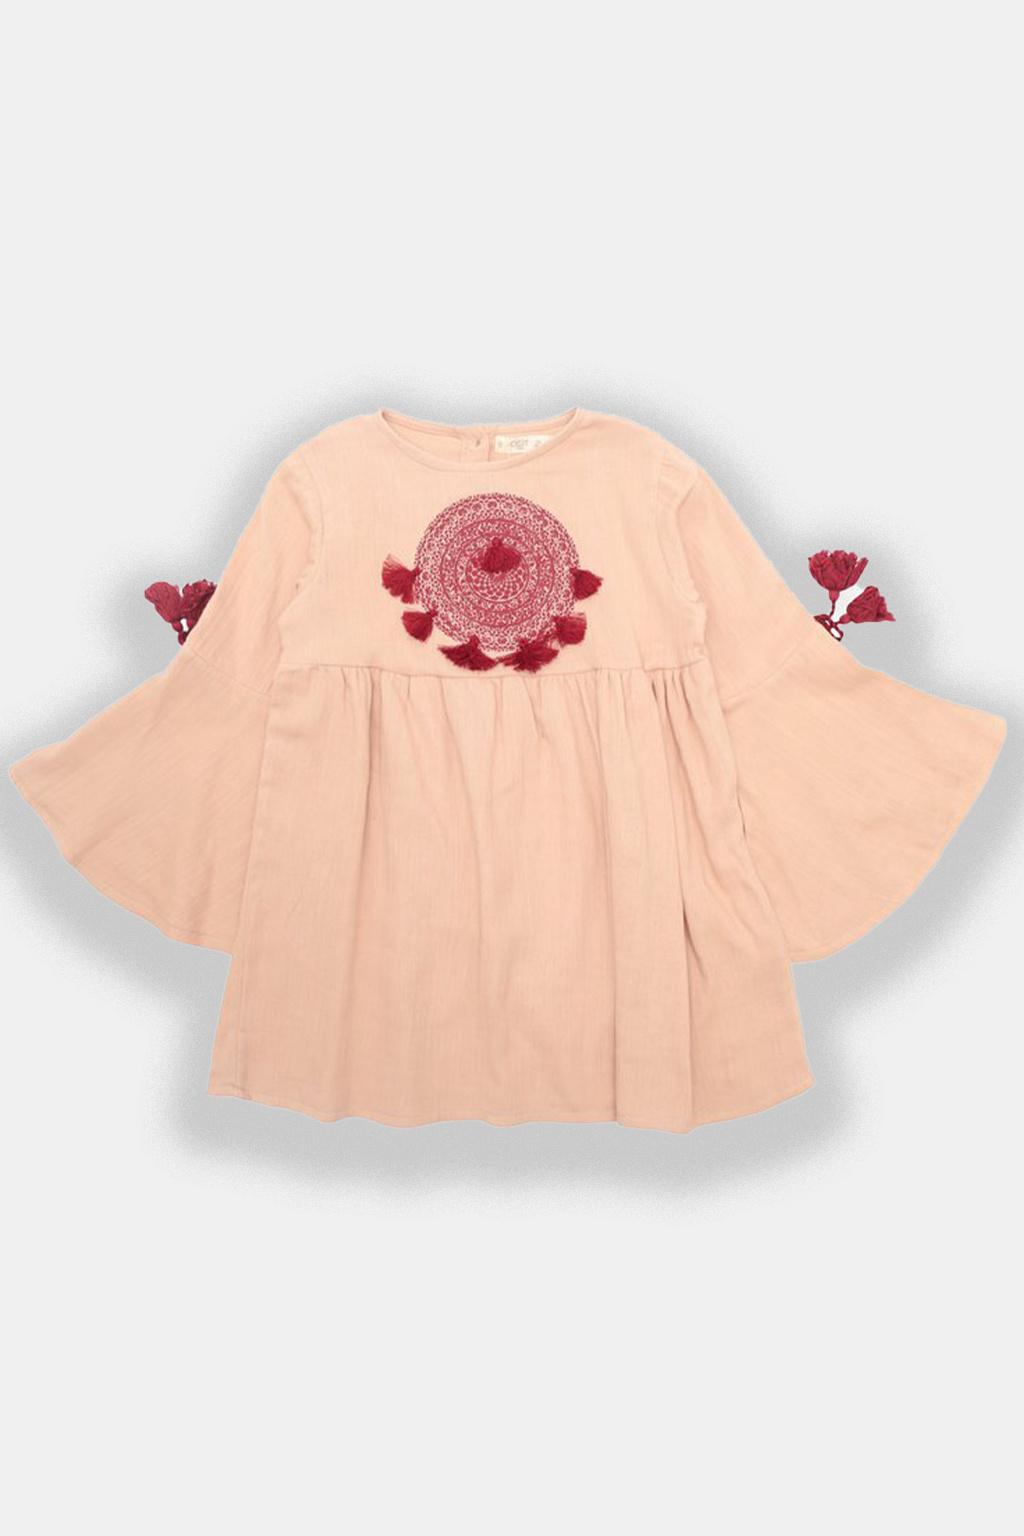 Moderní dívčí šaty